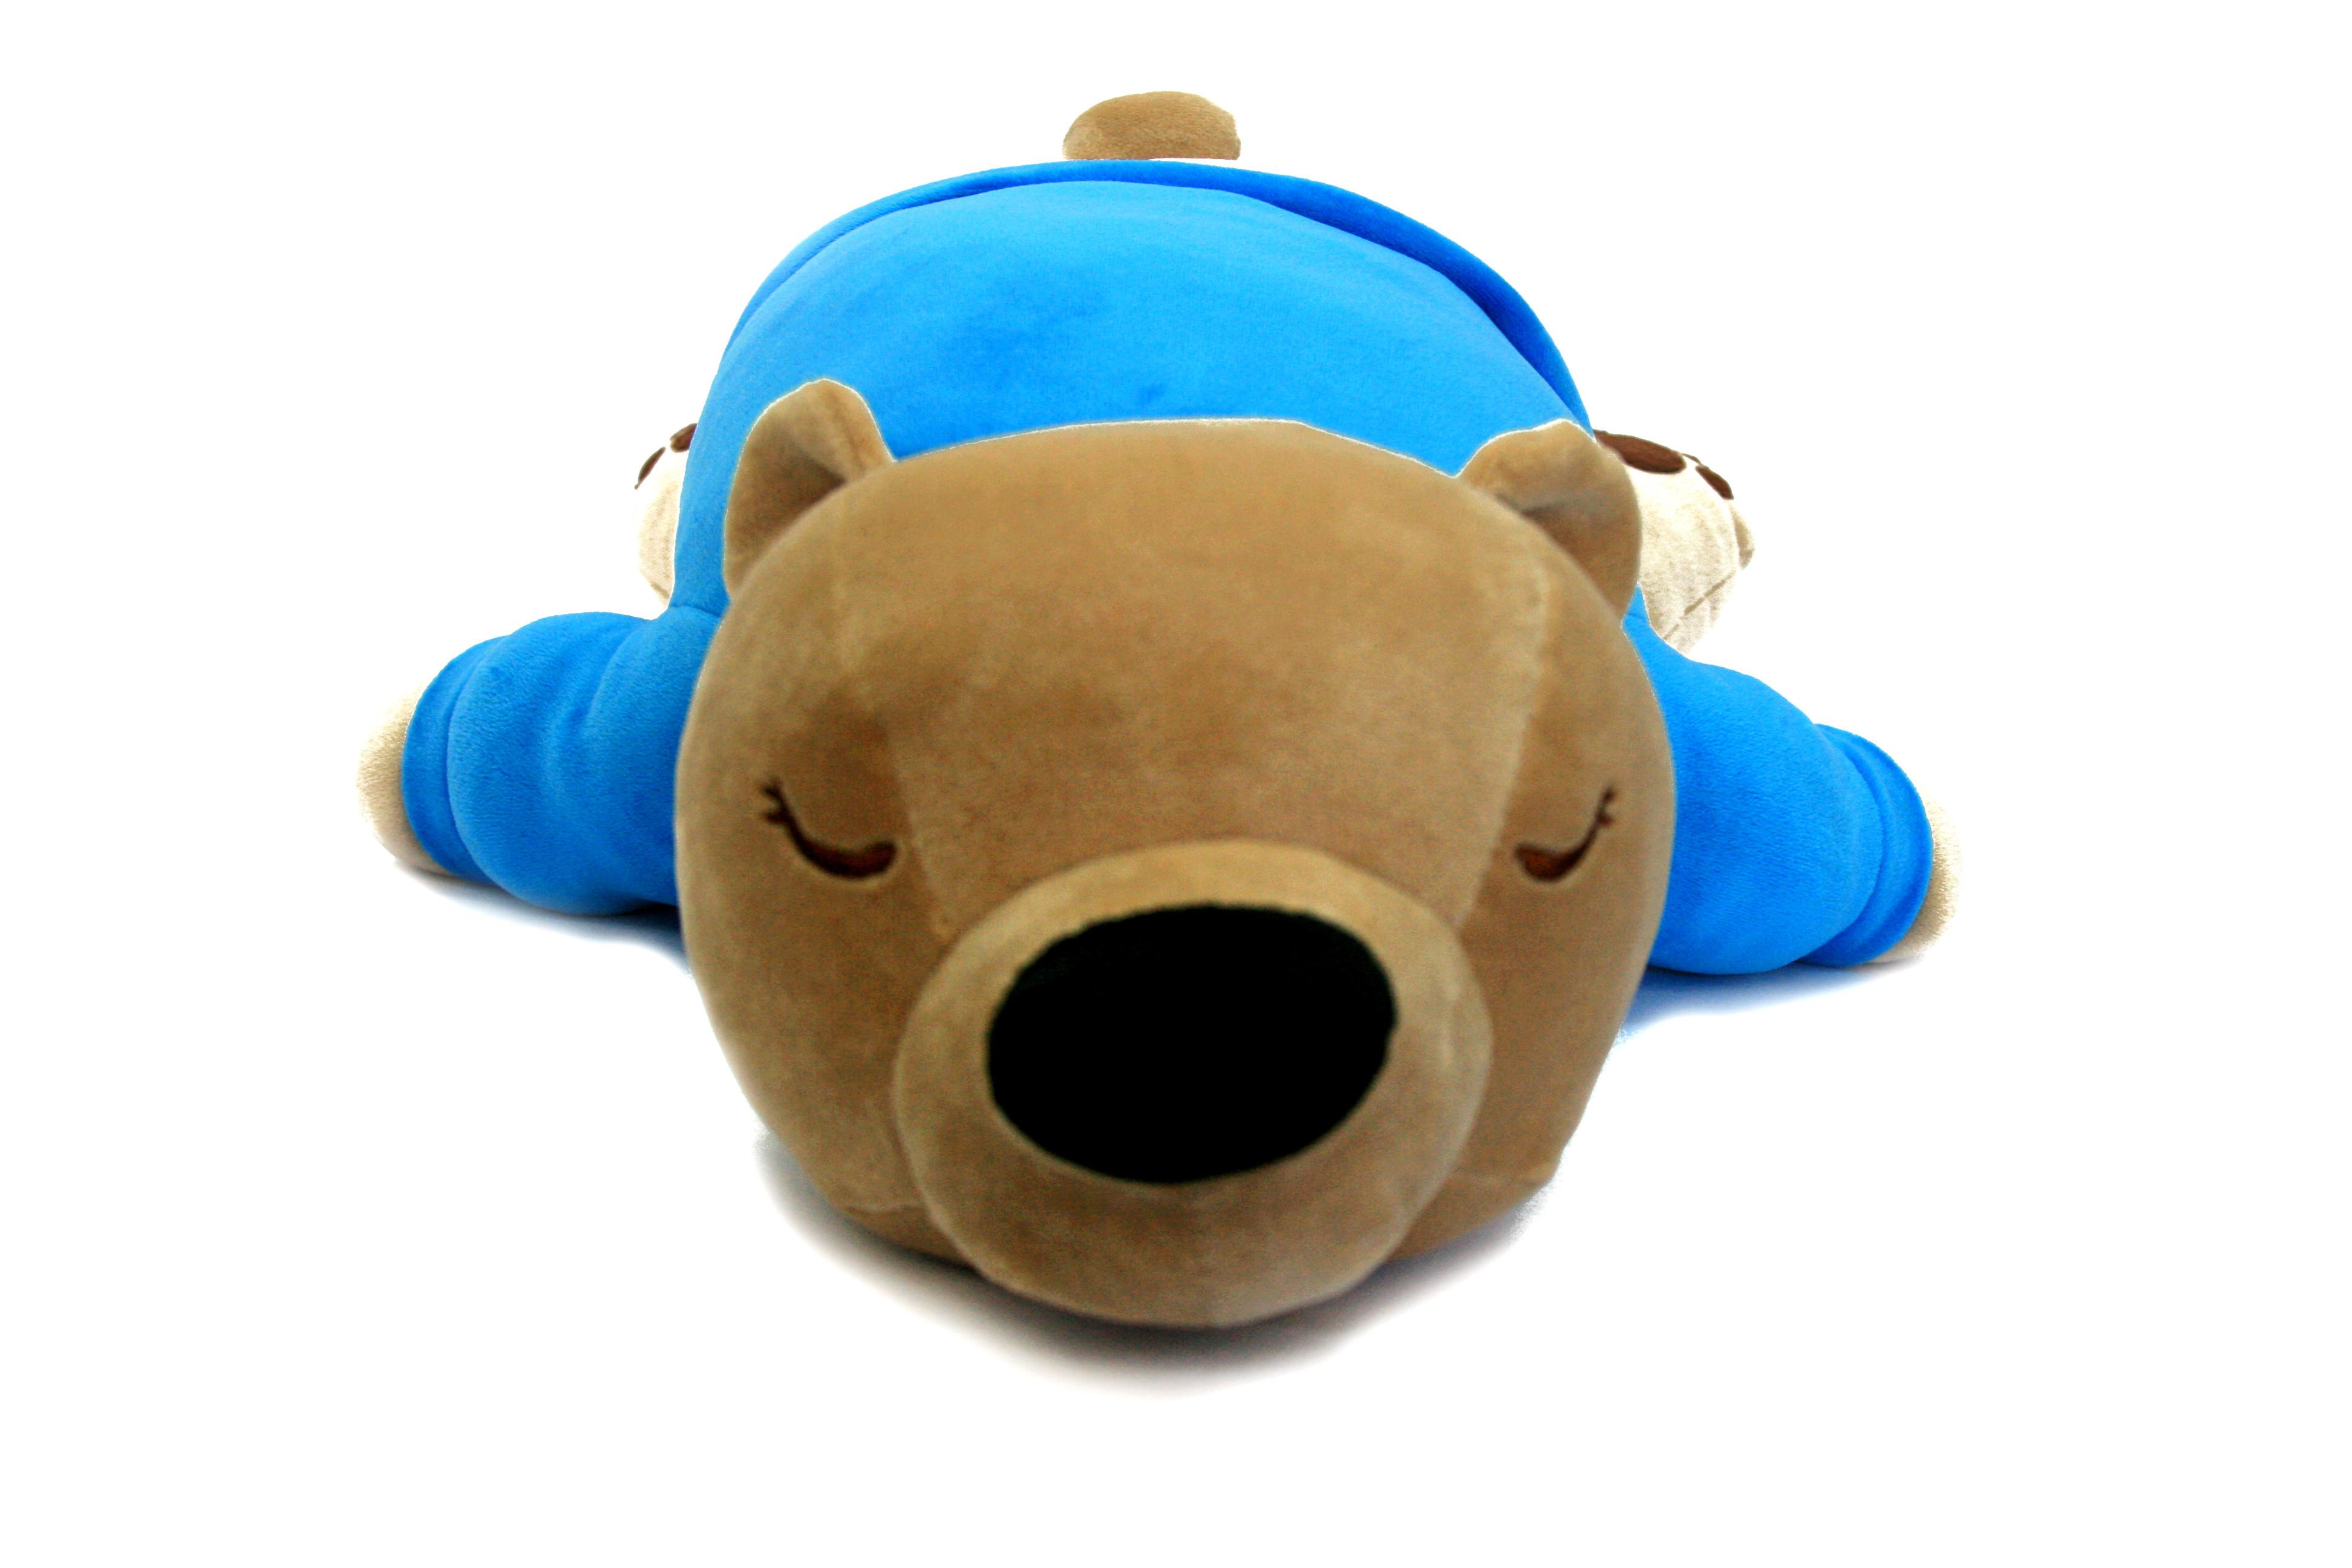 Мягкие игрушки СмолТойс Мягкая игрушка СмолТойс «Медвежонок Лежебока» 57 см мягкая игрушка смолтойс зайка радужный 51 см